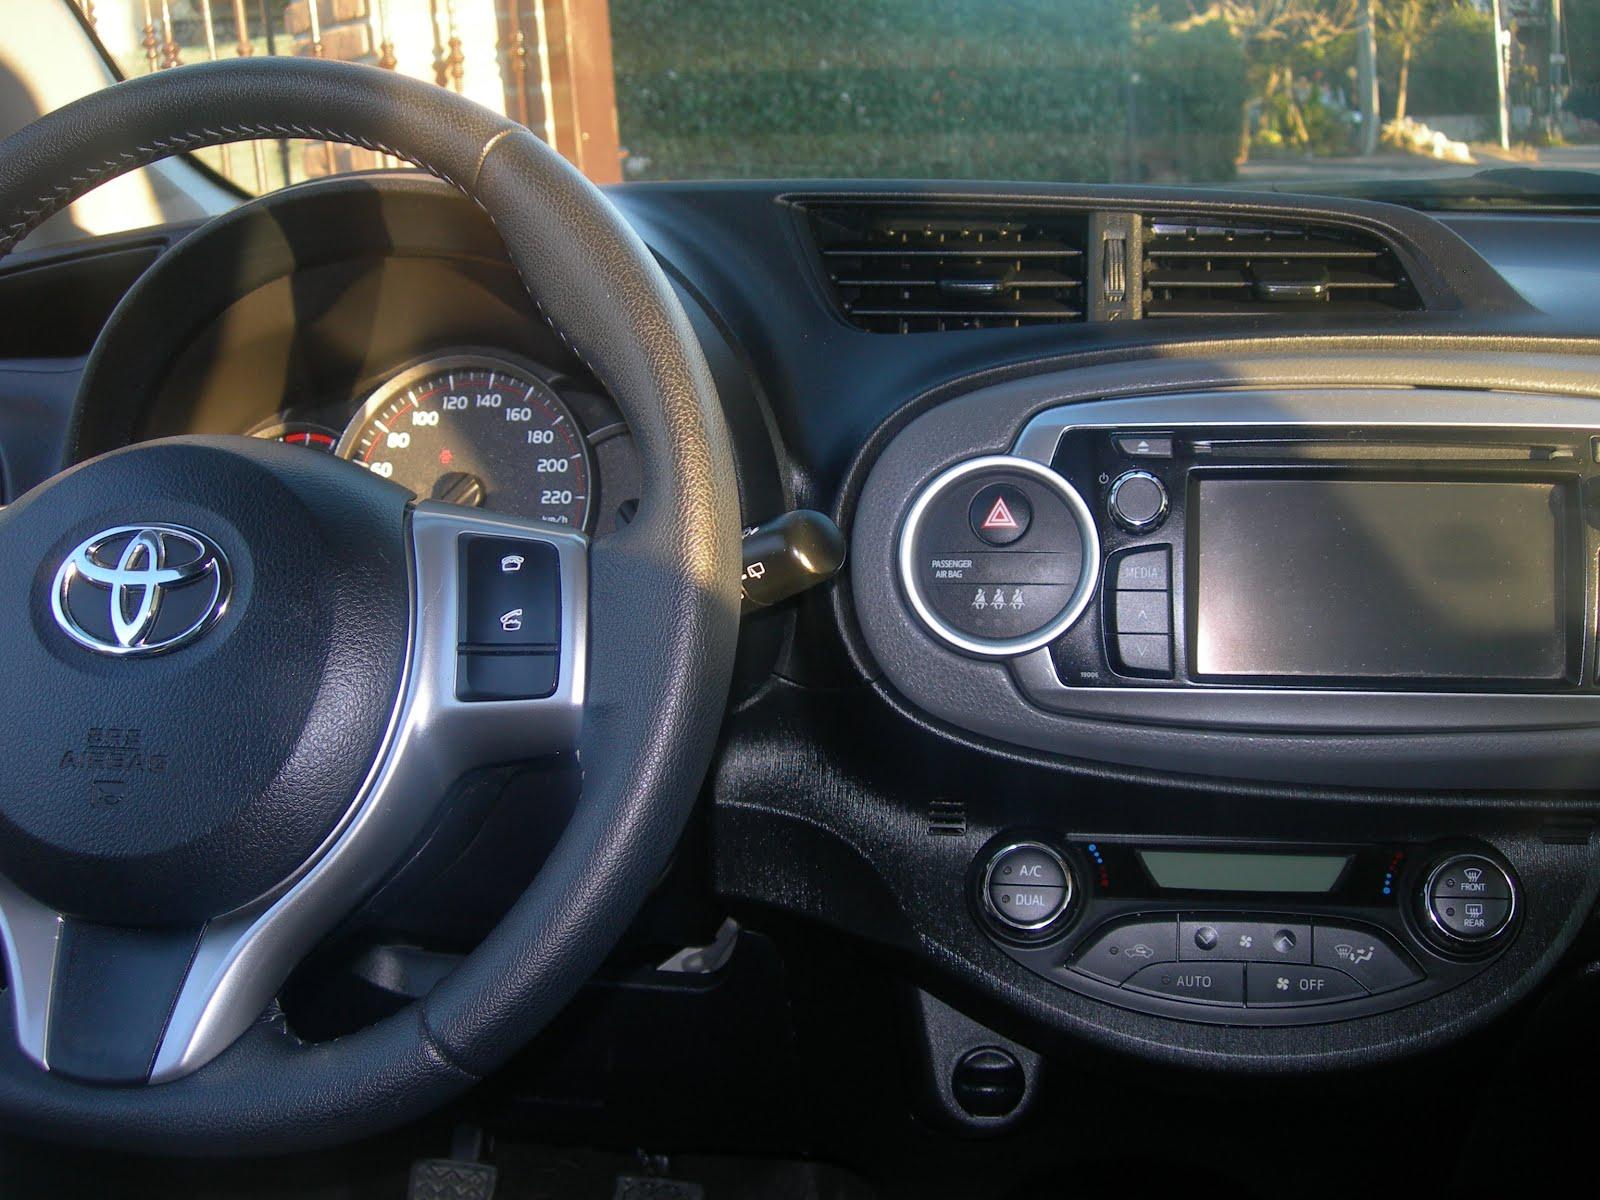 Stereo Touch Screen- comandi al volante-sensori- telecamera posteriore-clima automatico-ecc.. ecc..